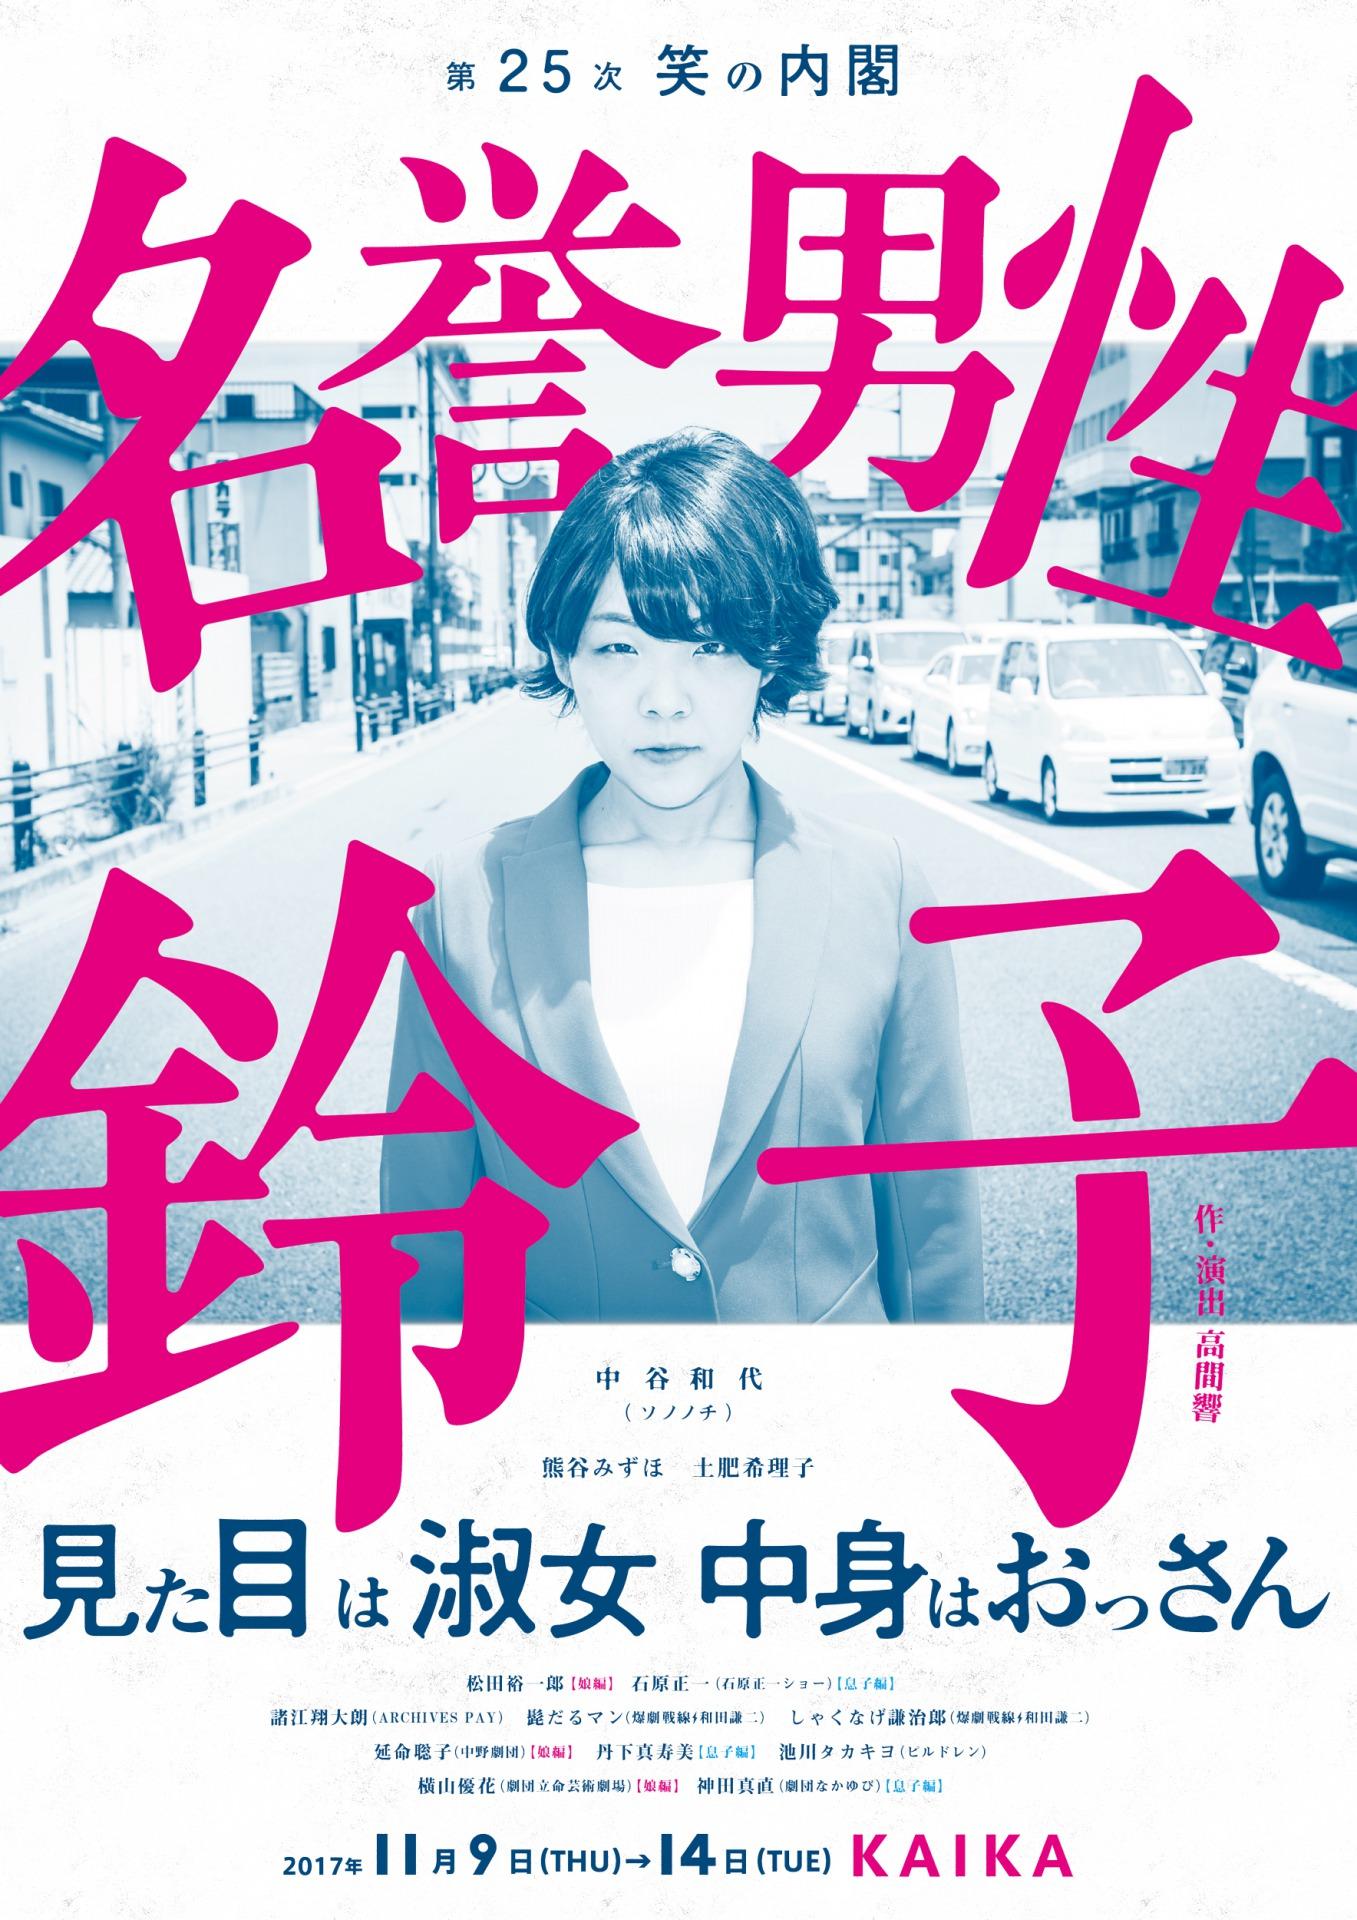 第25次笑の内閣『名誉男性鈴子』(京都公演)